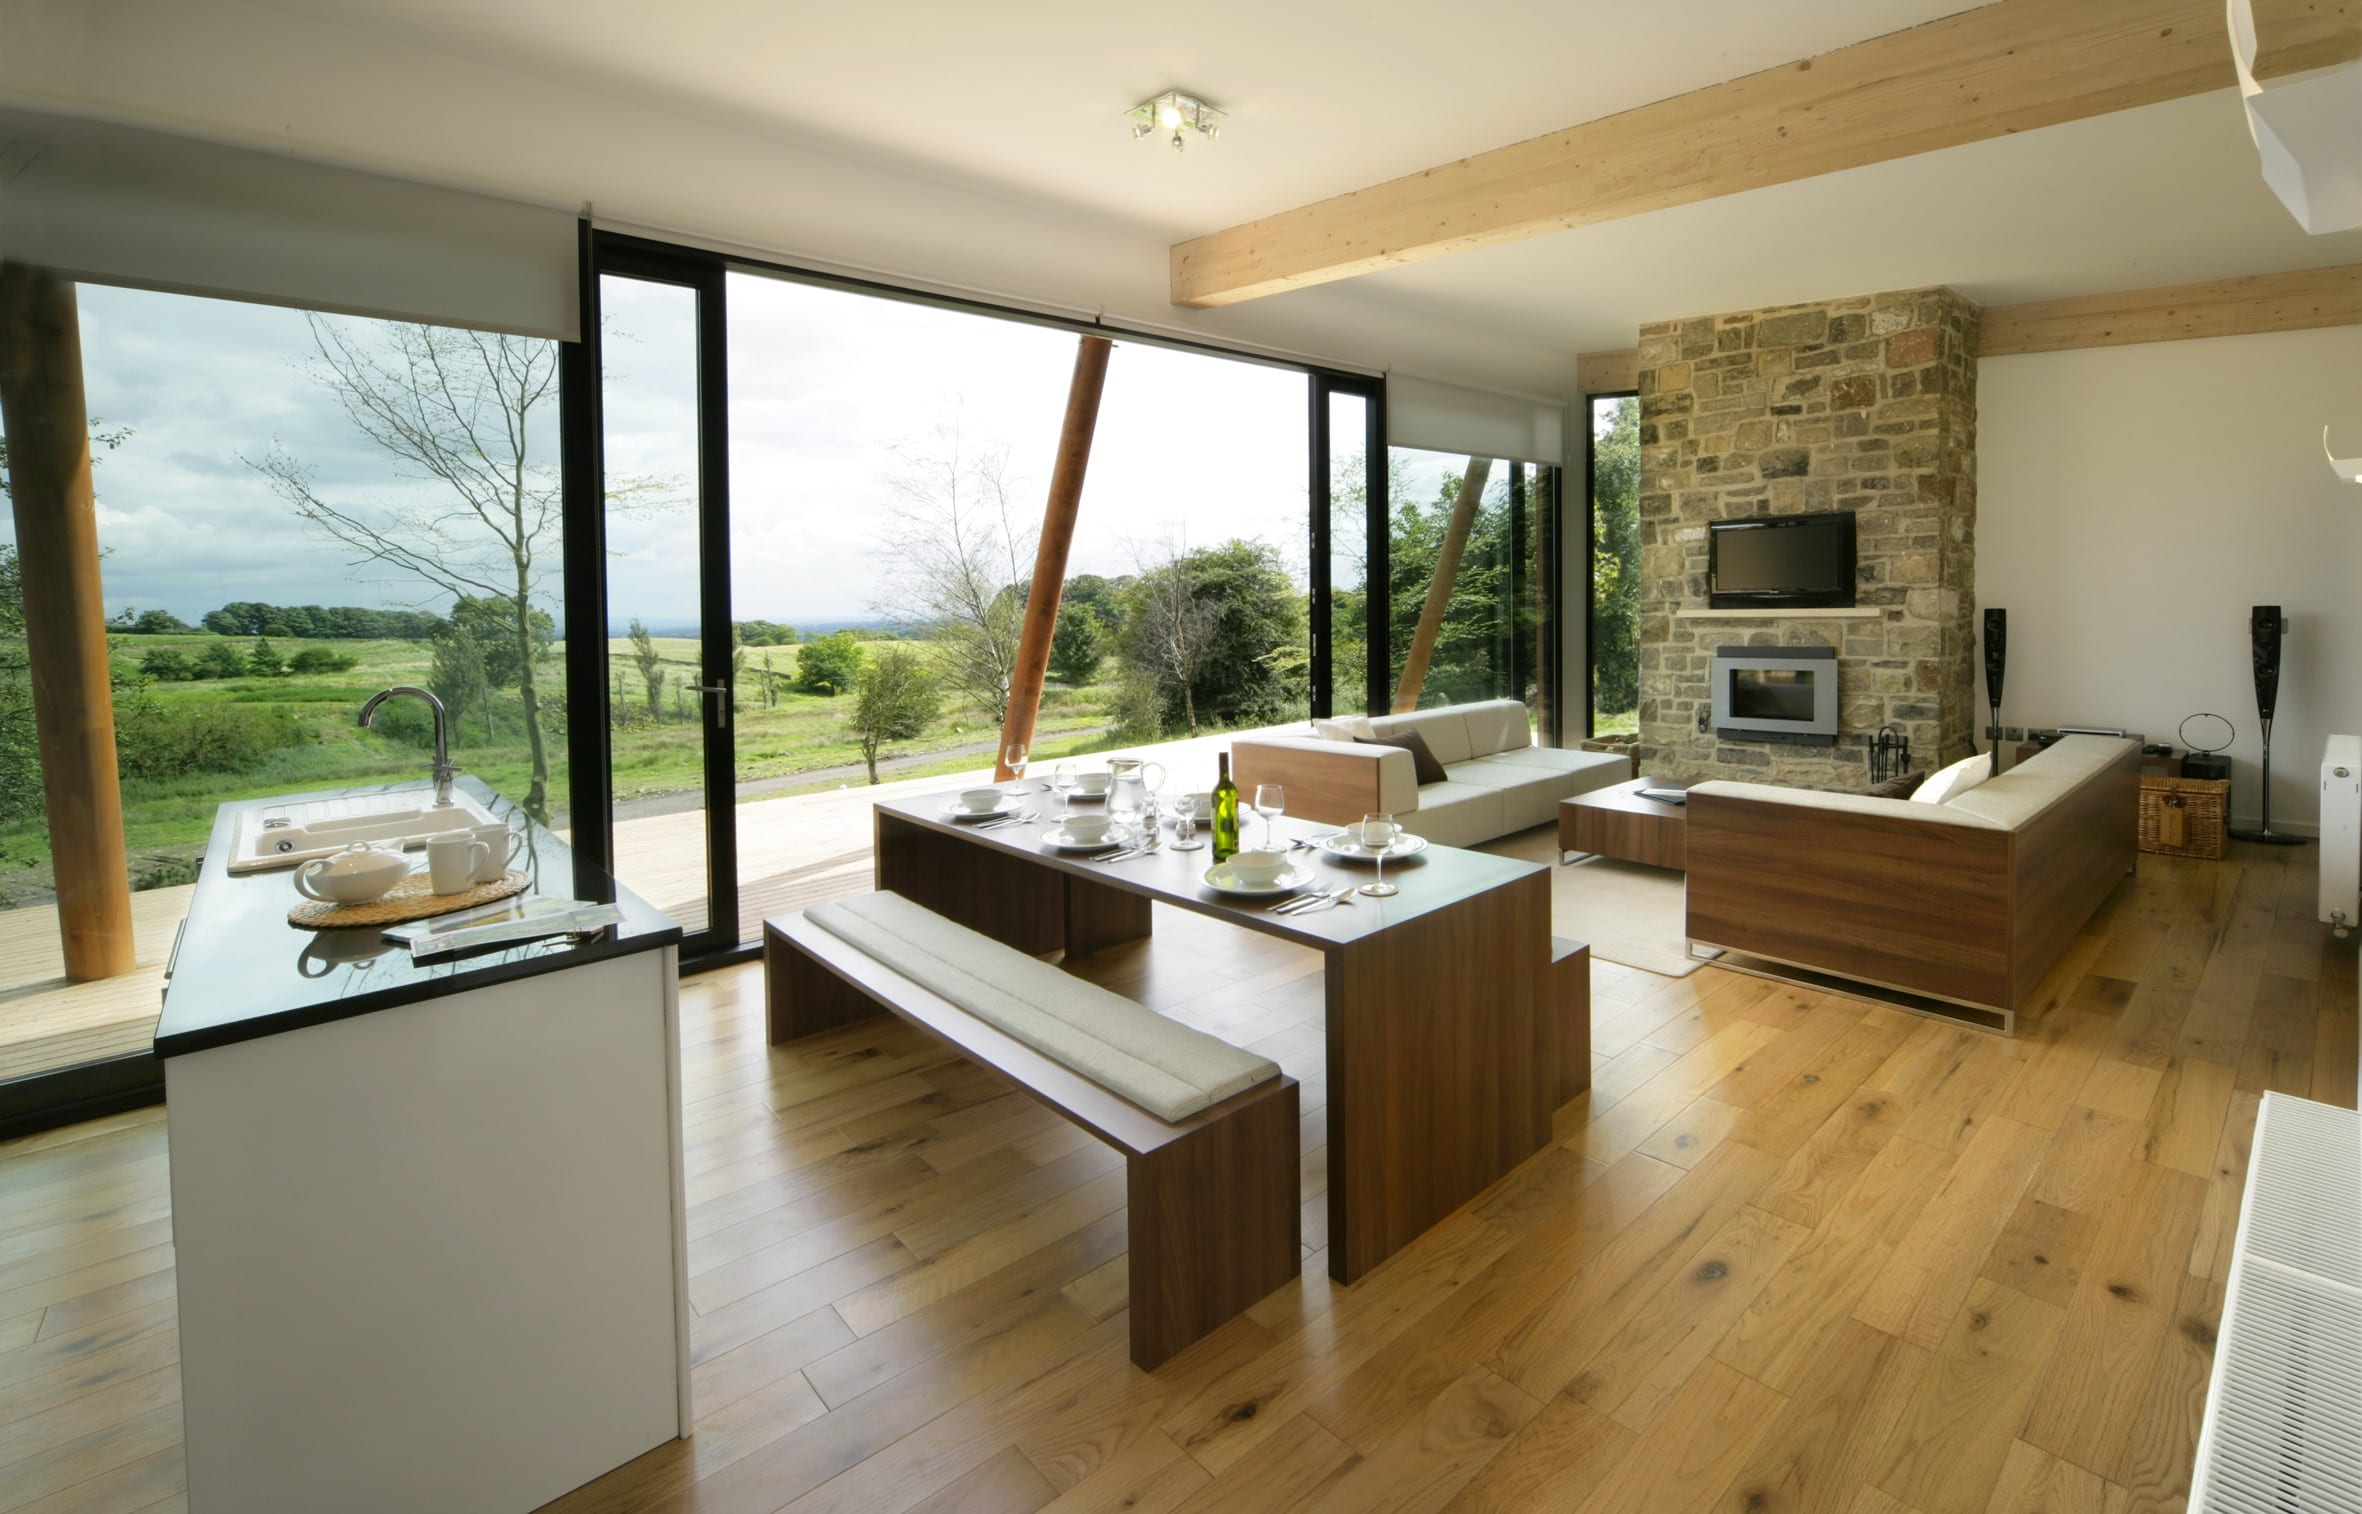 modernes wohnzimmer mit treppe : Wohnesszimmer Modernes Wohnzimmer Freshouse